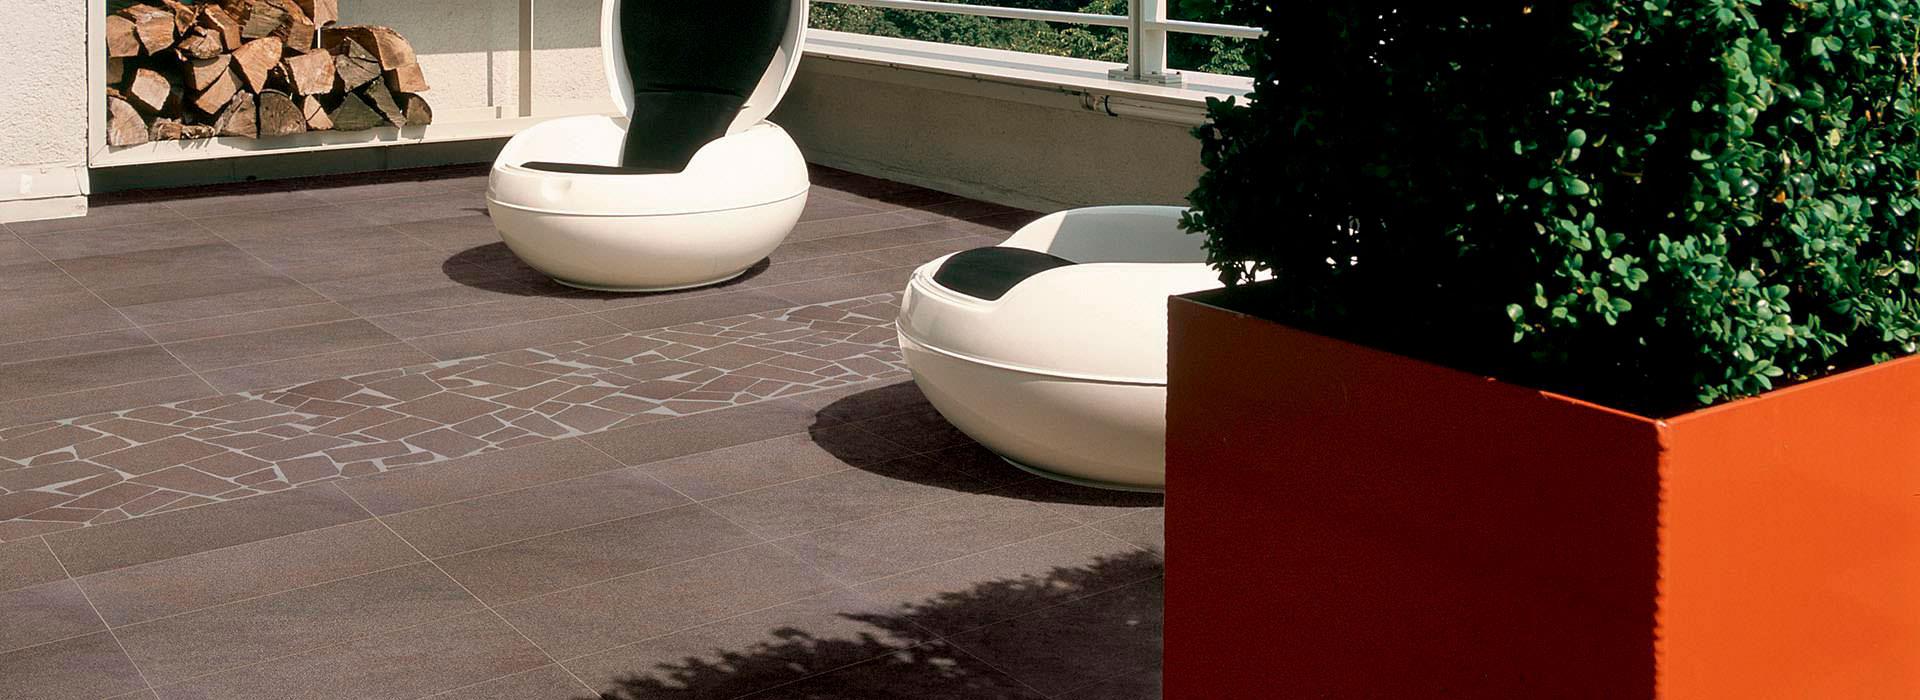 Suelos efecto piedra de FMG para ambientes rústicos modernos